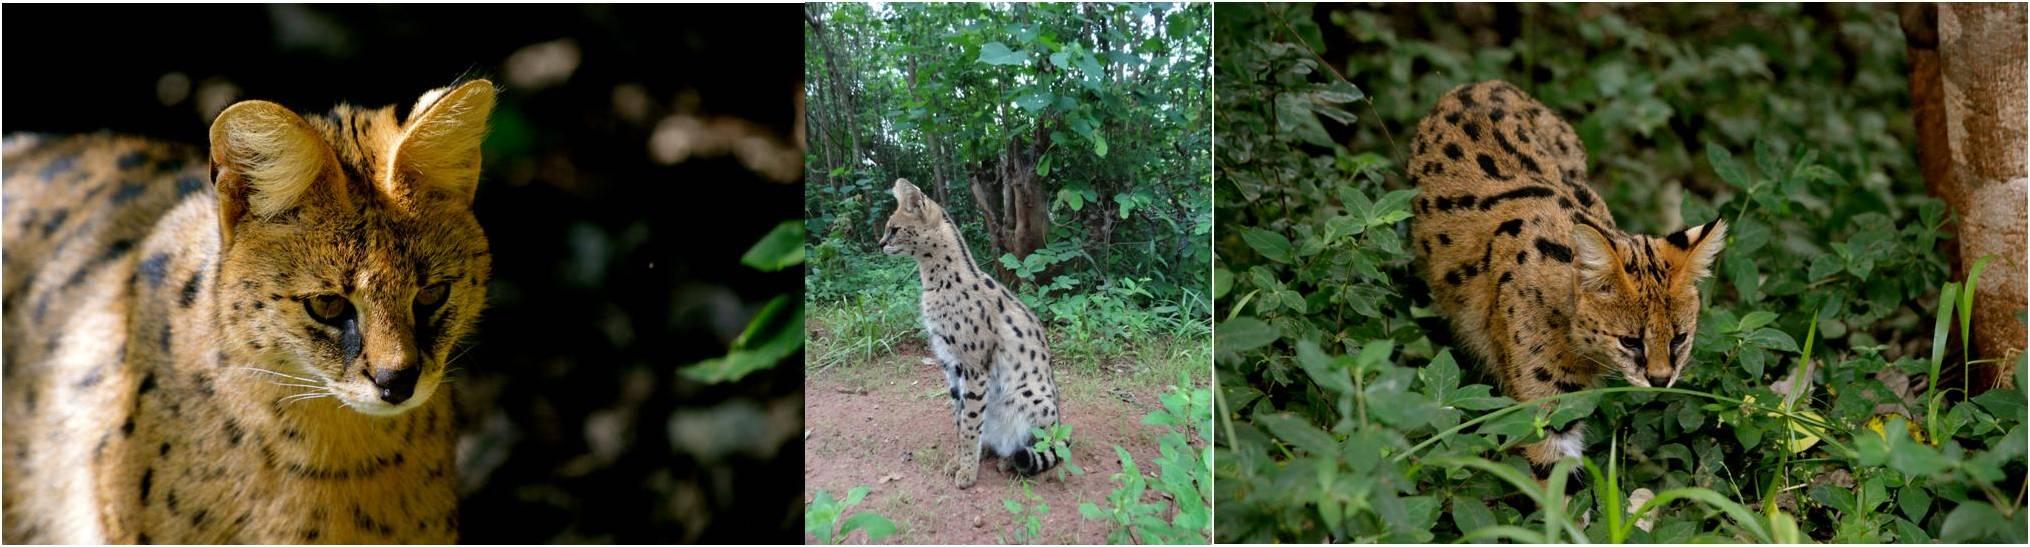 servals3